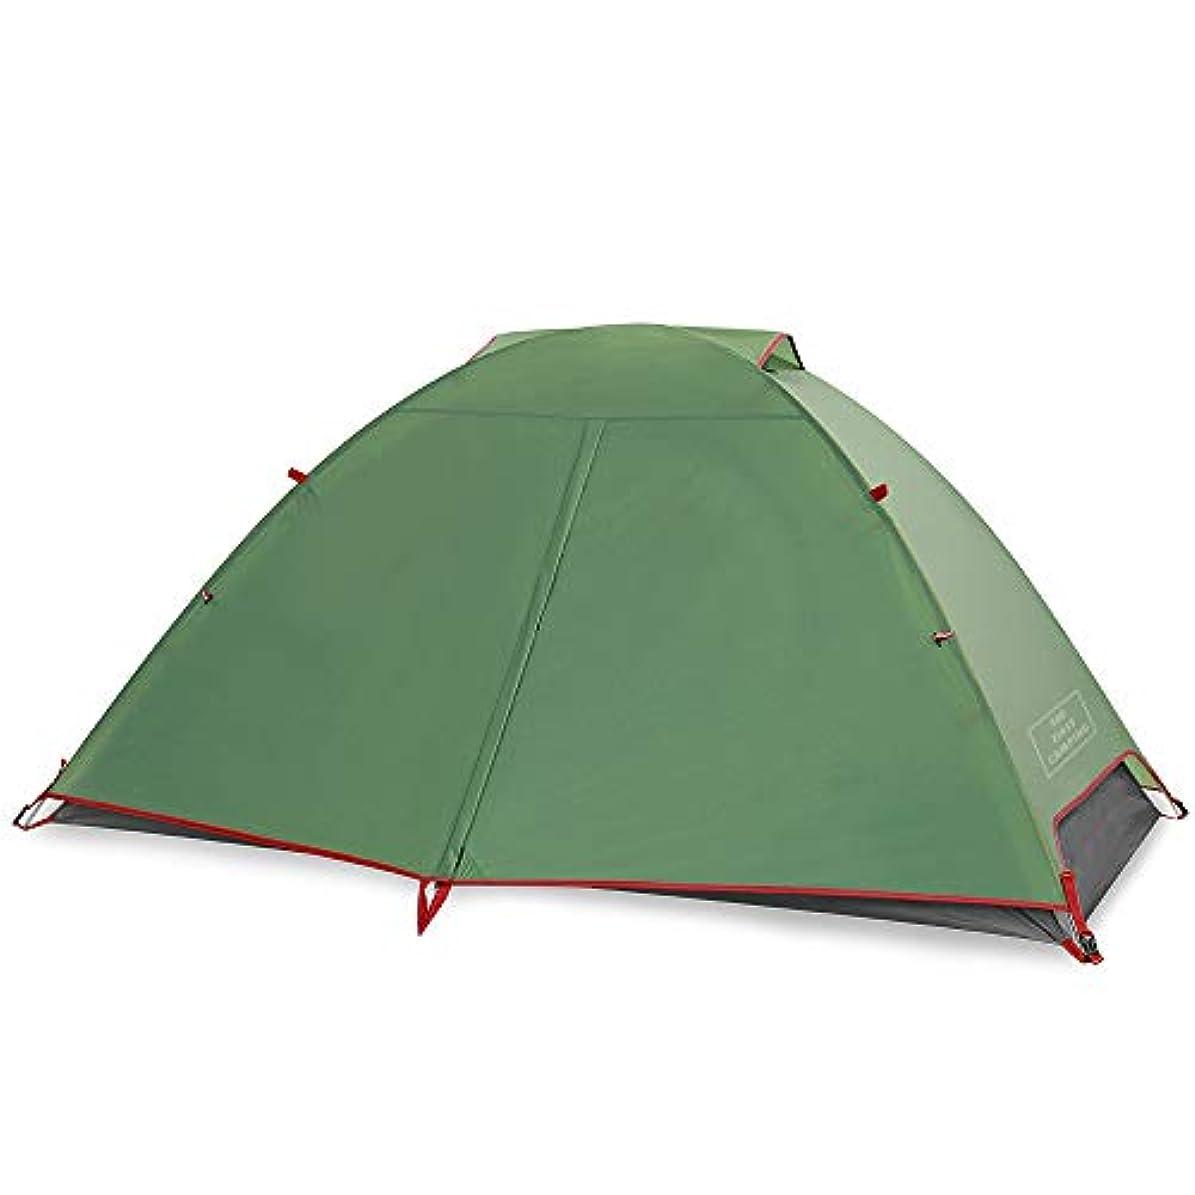 実質的に愛緯度THE FIRST CAMPING テント 1~2人用シリコンテント 超軽量1.8KG 防水UVカット 耐水圧5000mm 二重テント プロのキャンプ用品 ビーチ/登山/遠足/ピクニック